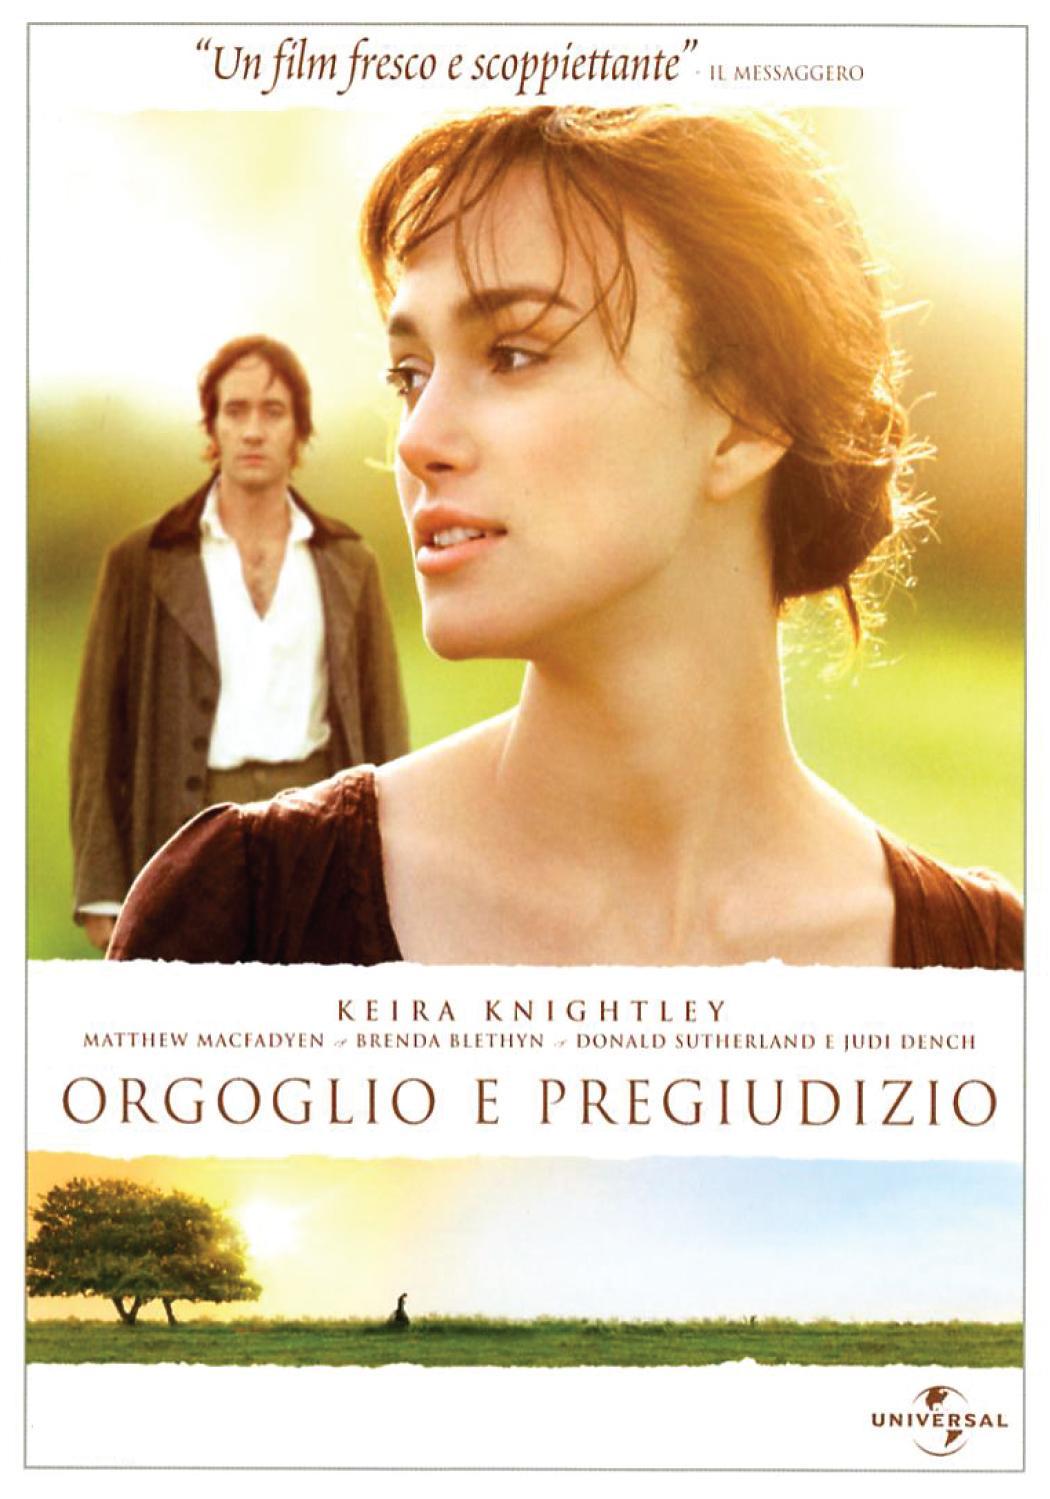 Orgoglio e pregiudizio (2005) poster del film